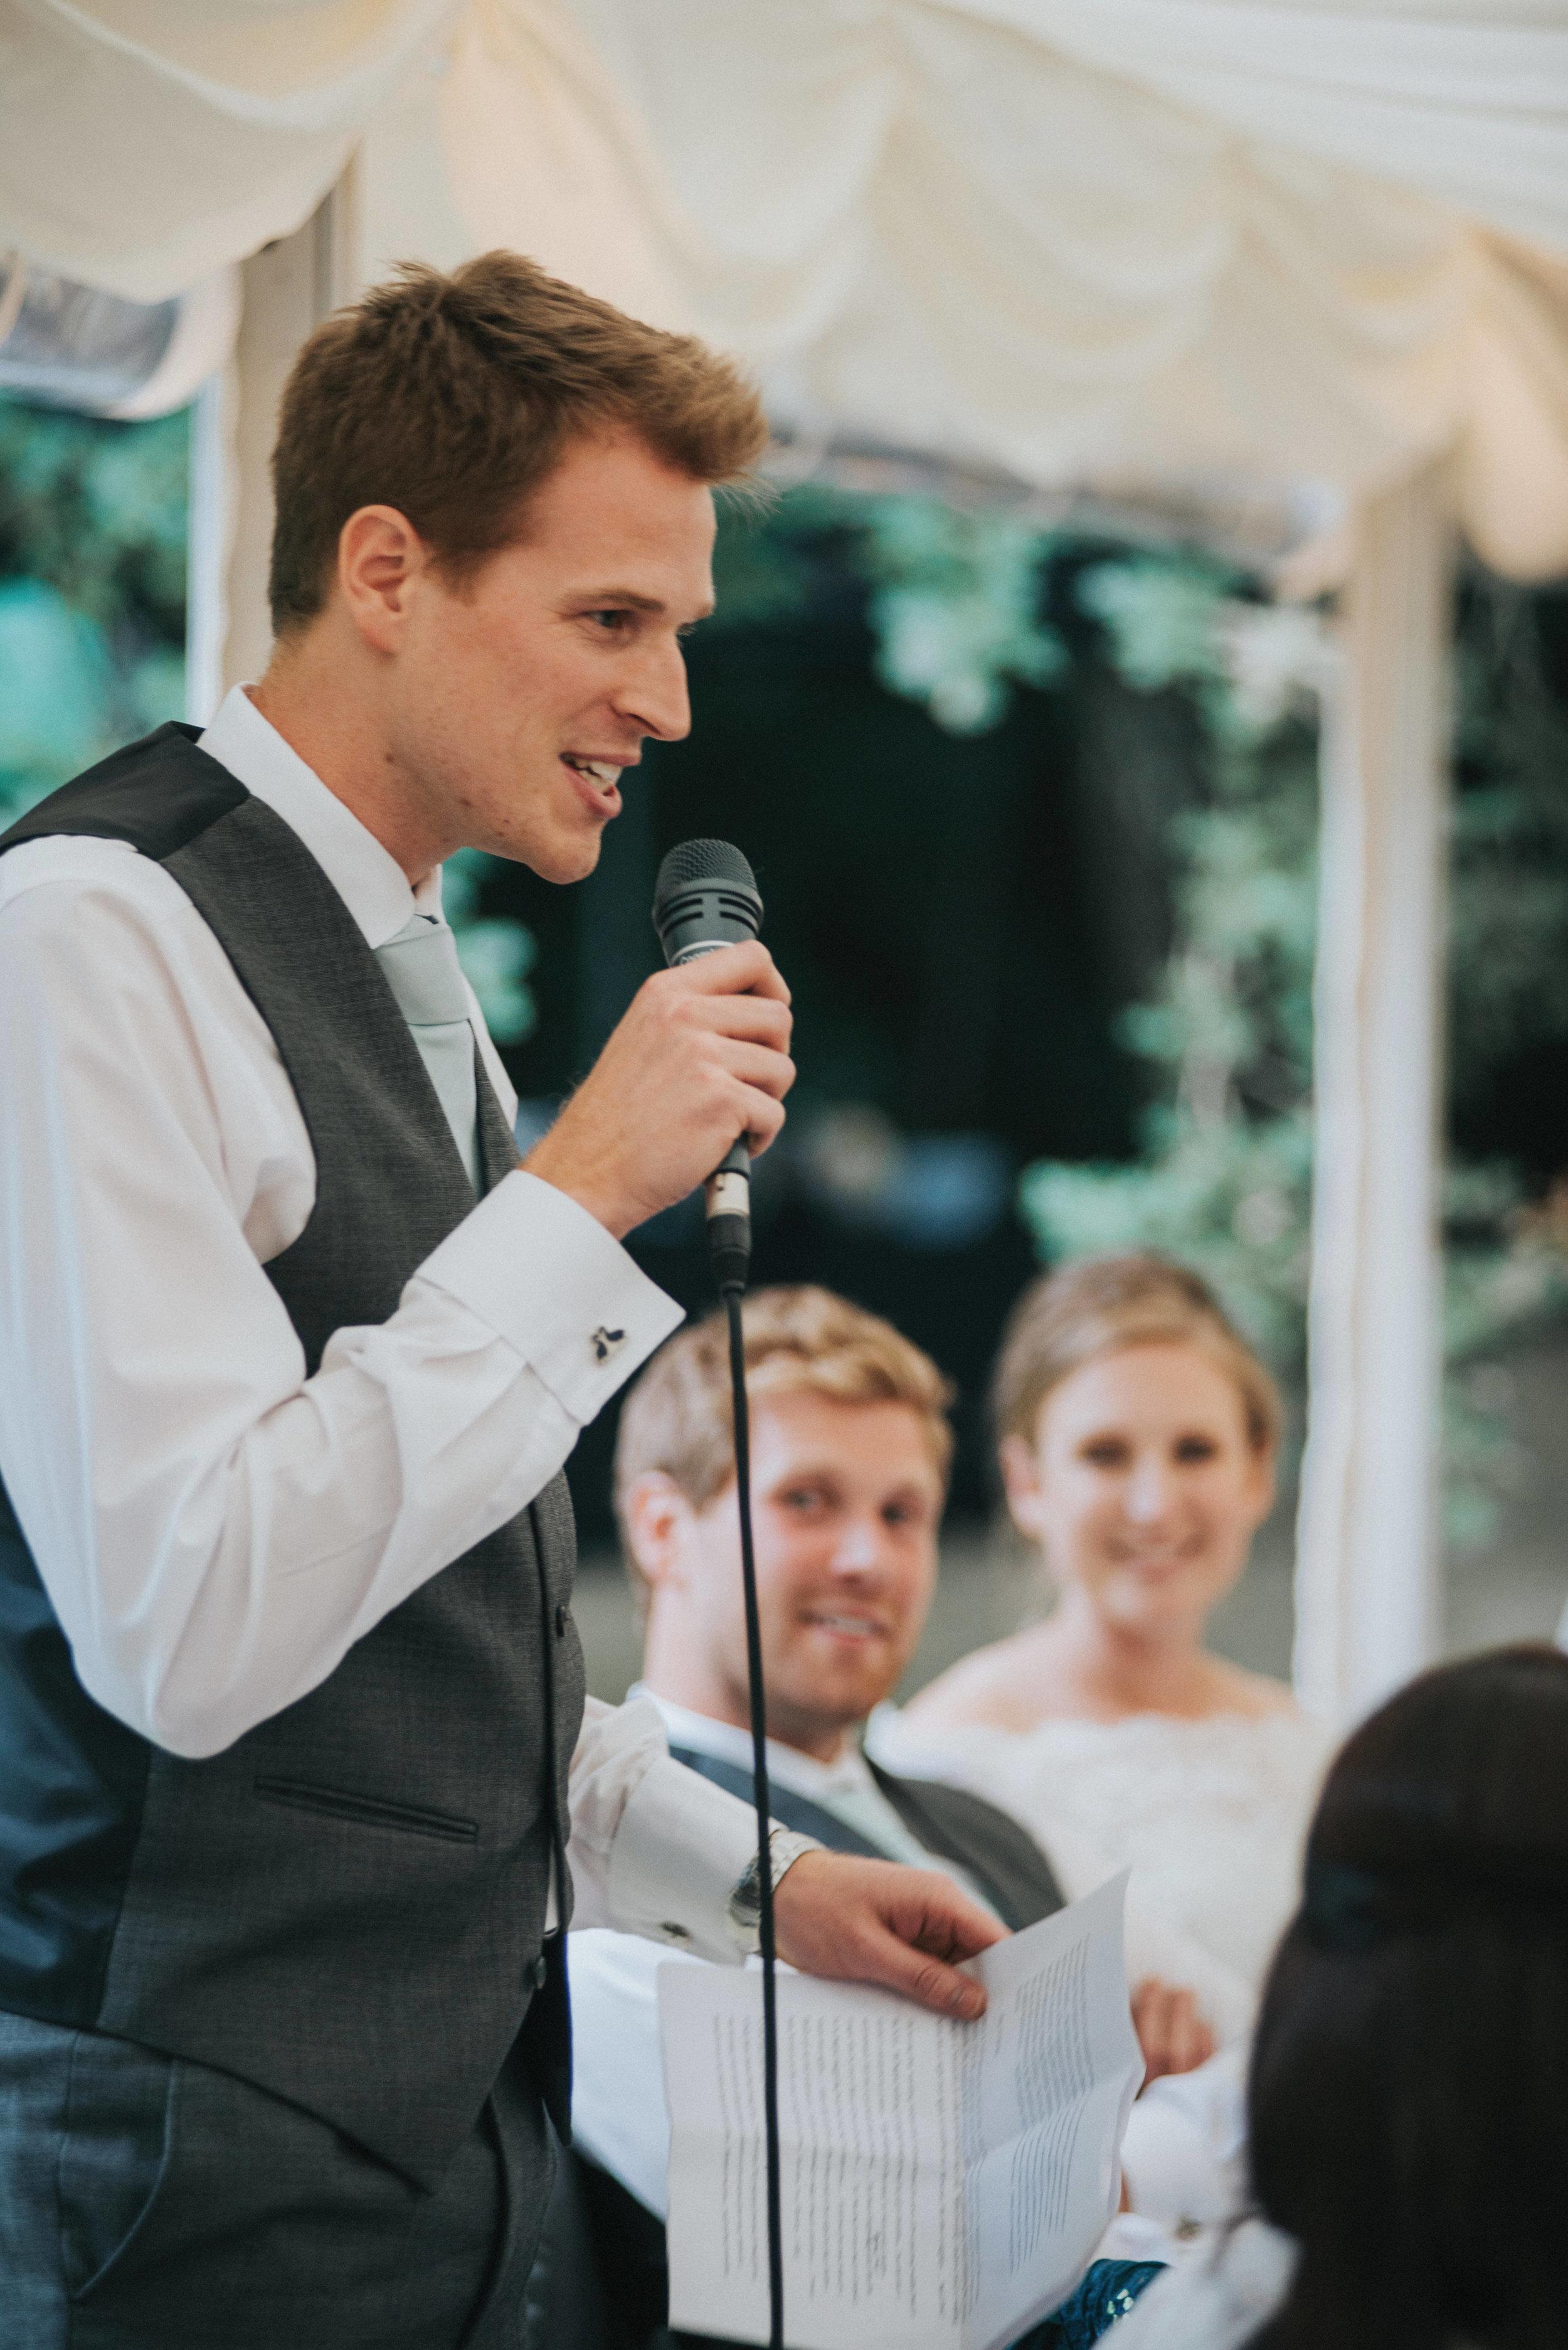 festival-farm-wedding-148.jpg